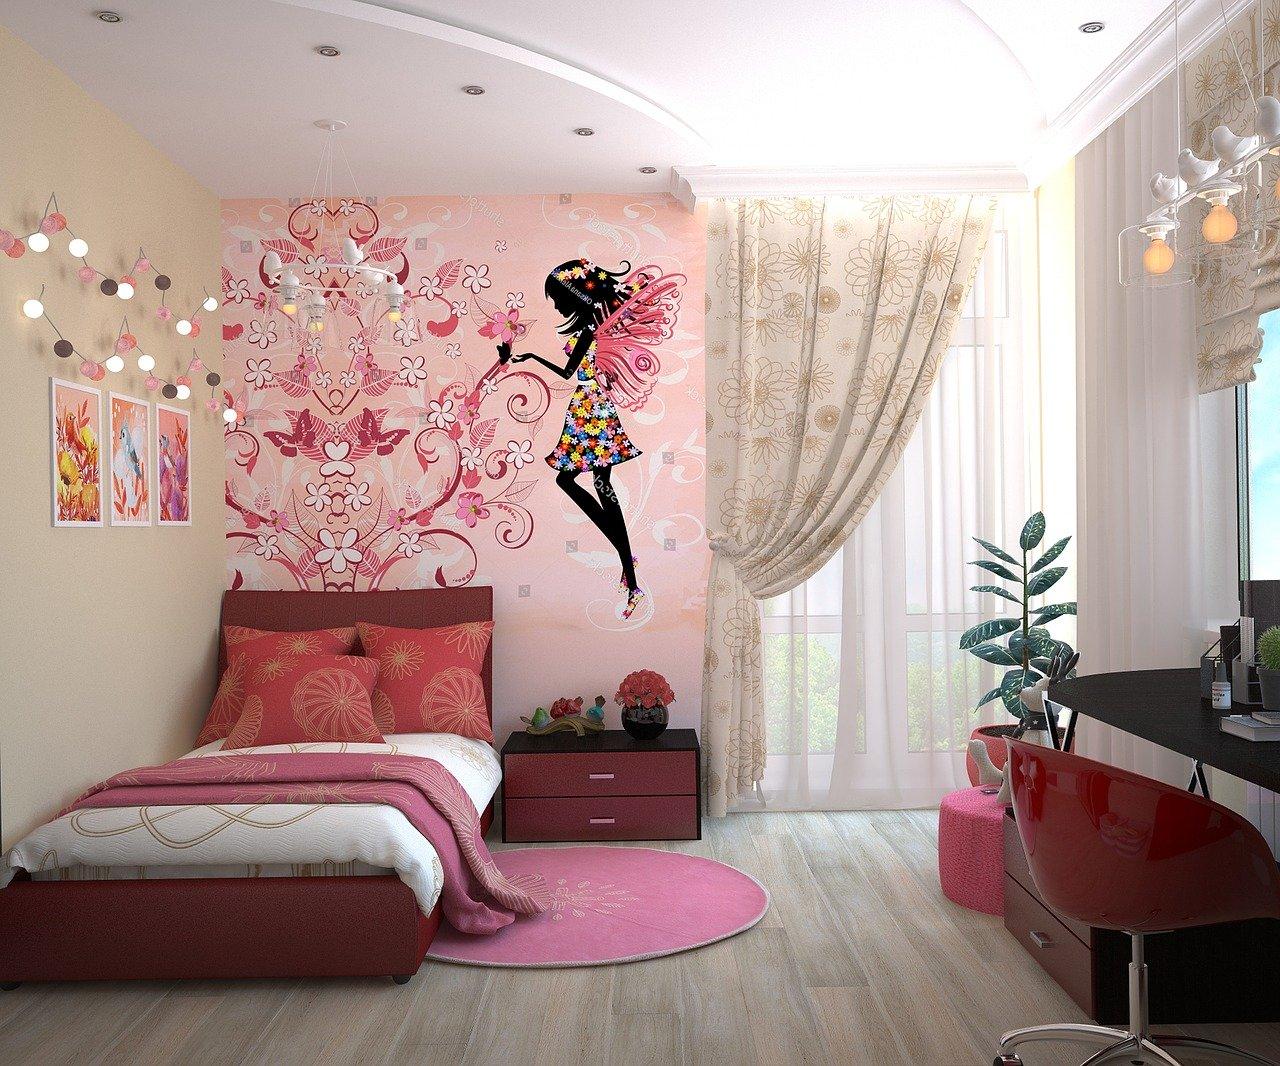 revamp your kids bedroom